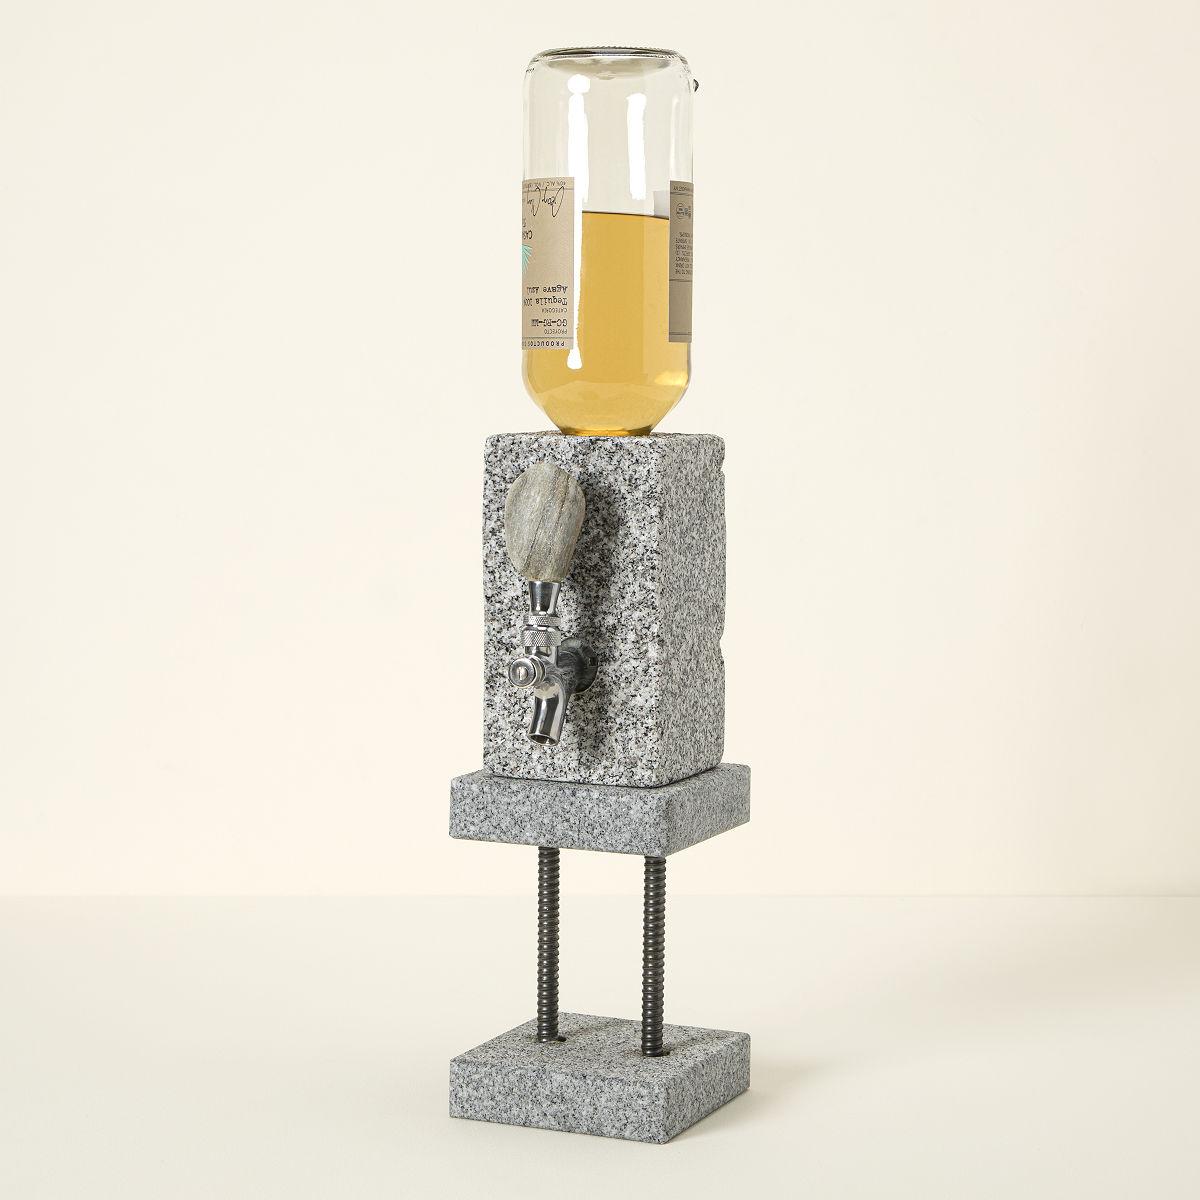 Stone Drink Dispenser Liquor Dispenser Shots On Tap